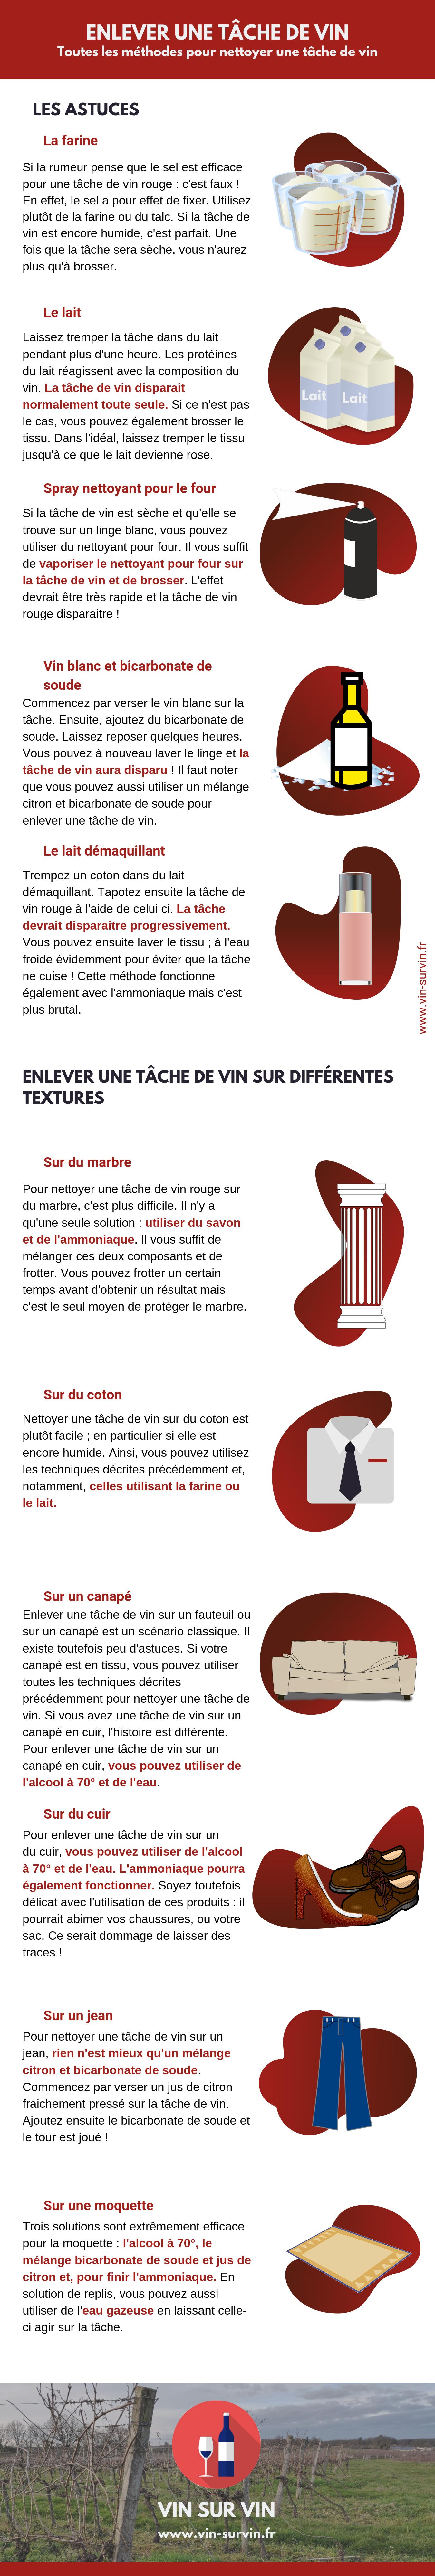 Enlever une tâche de vin _ comment nettoyer une tâche de vin - infographie